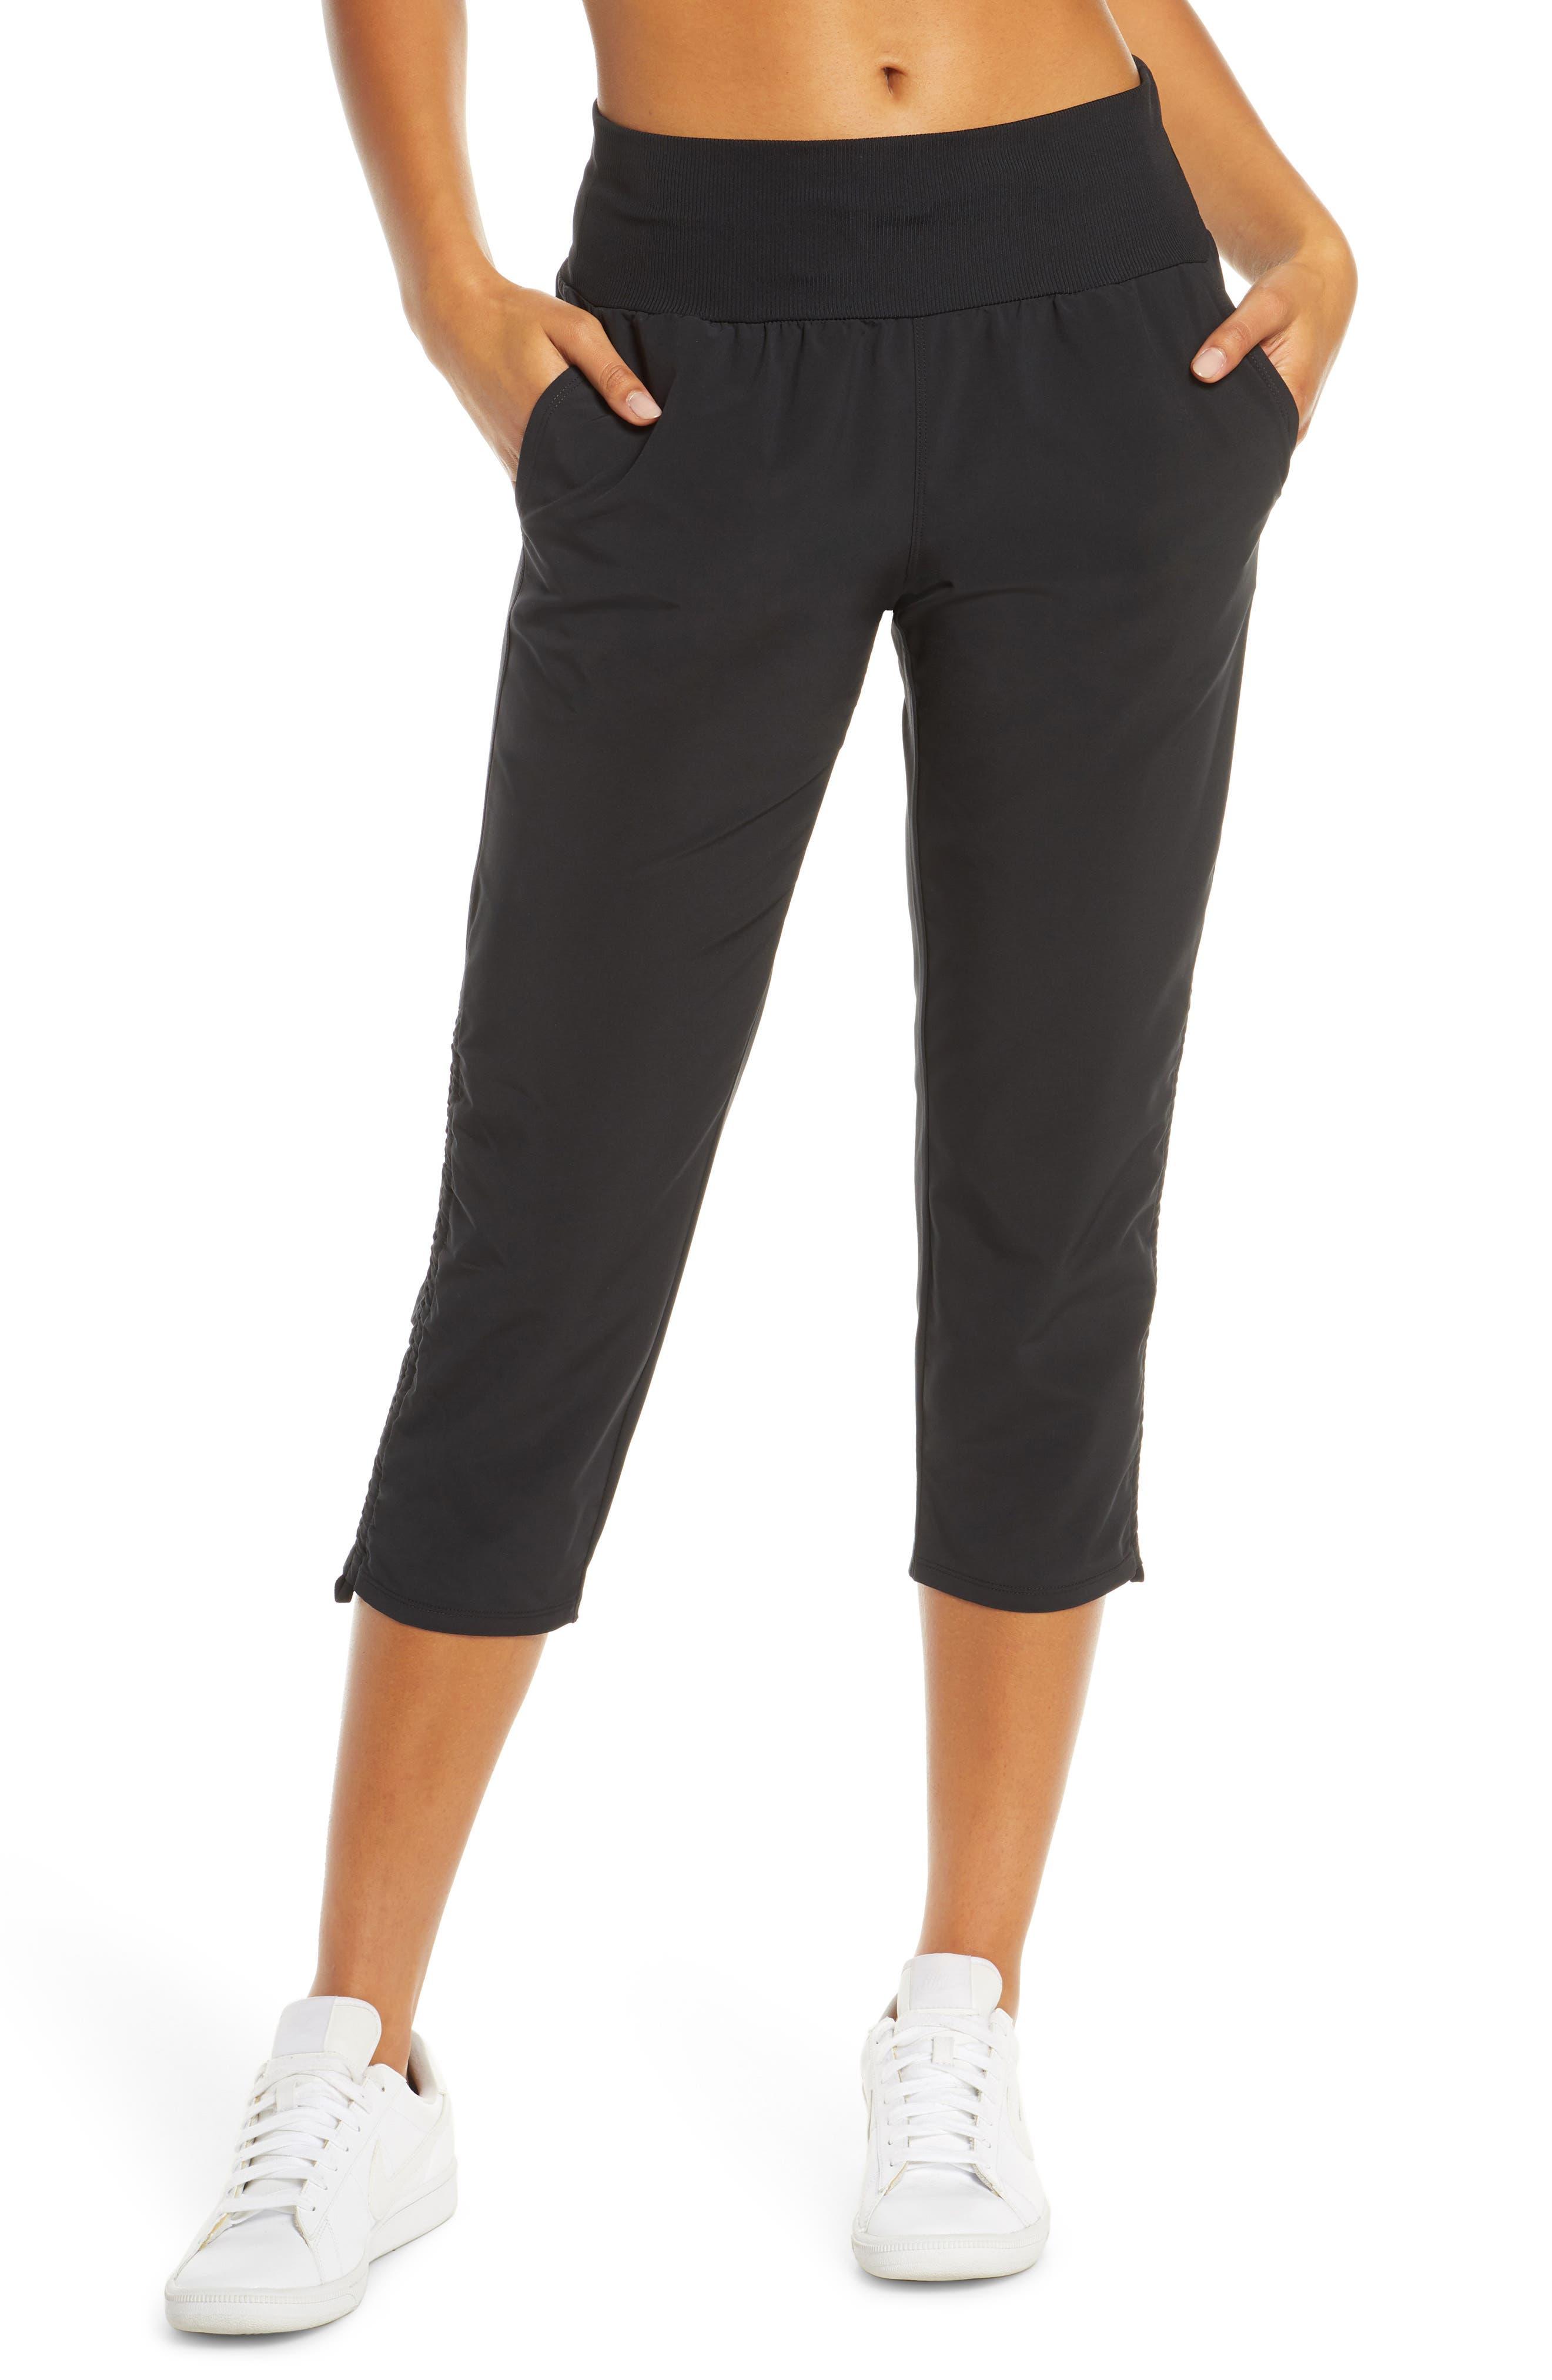 Zella Desire Recycled Crop Pants